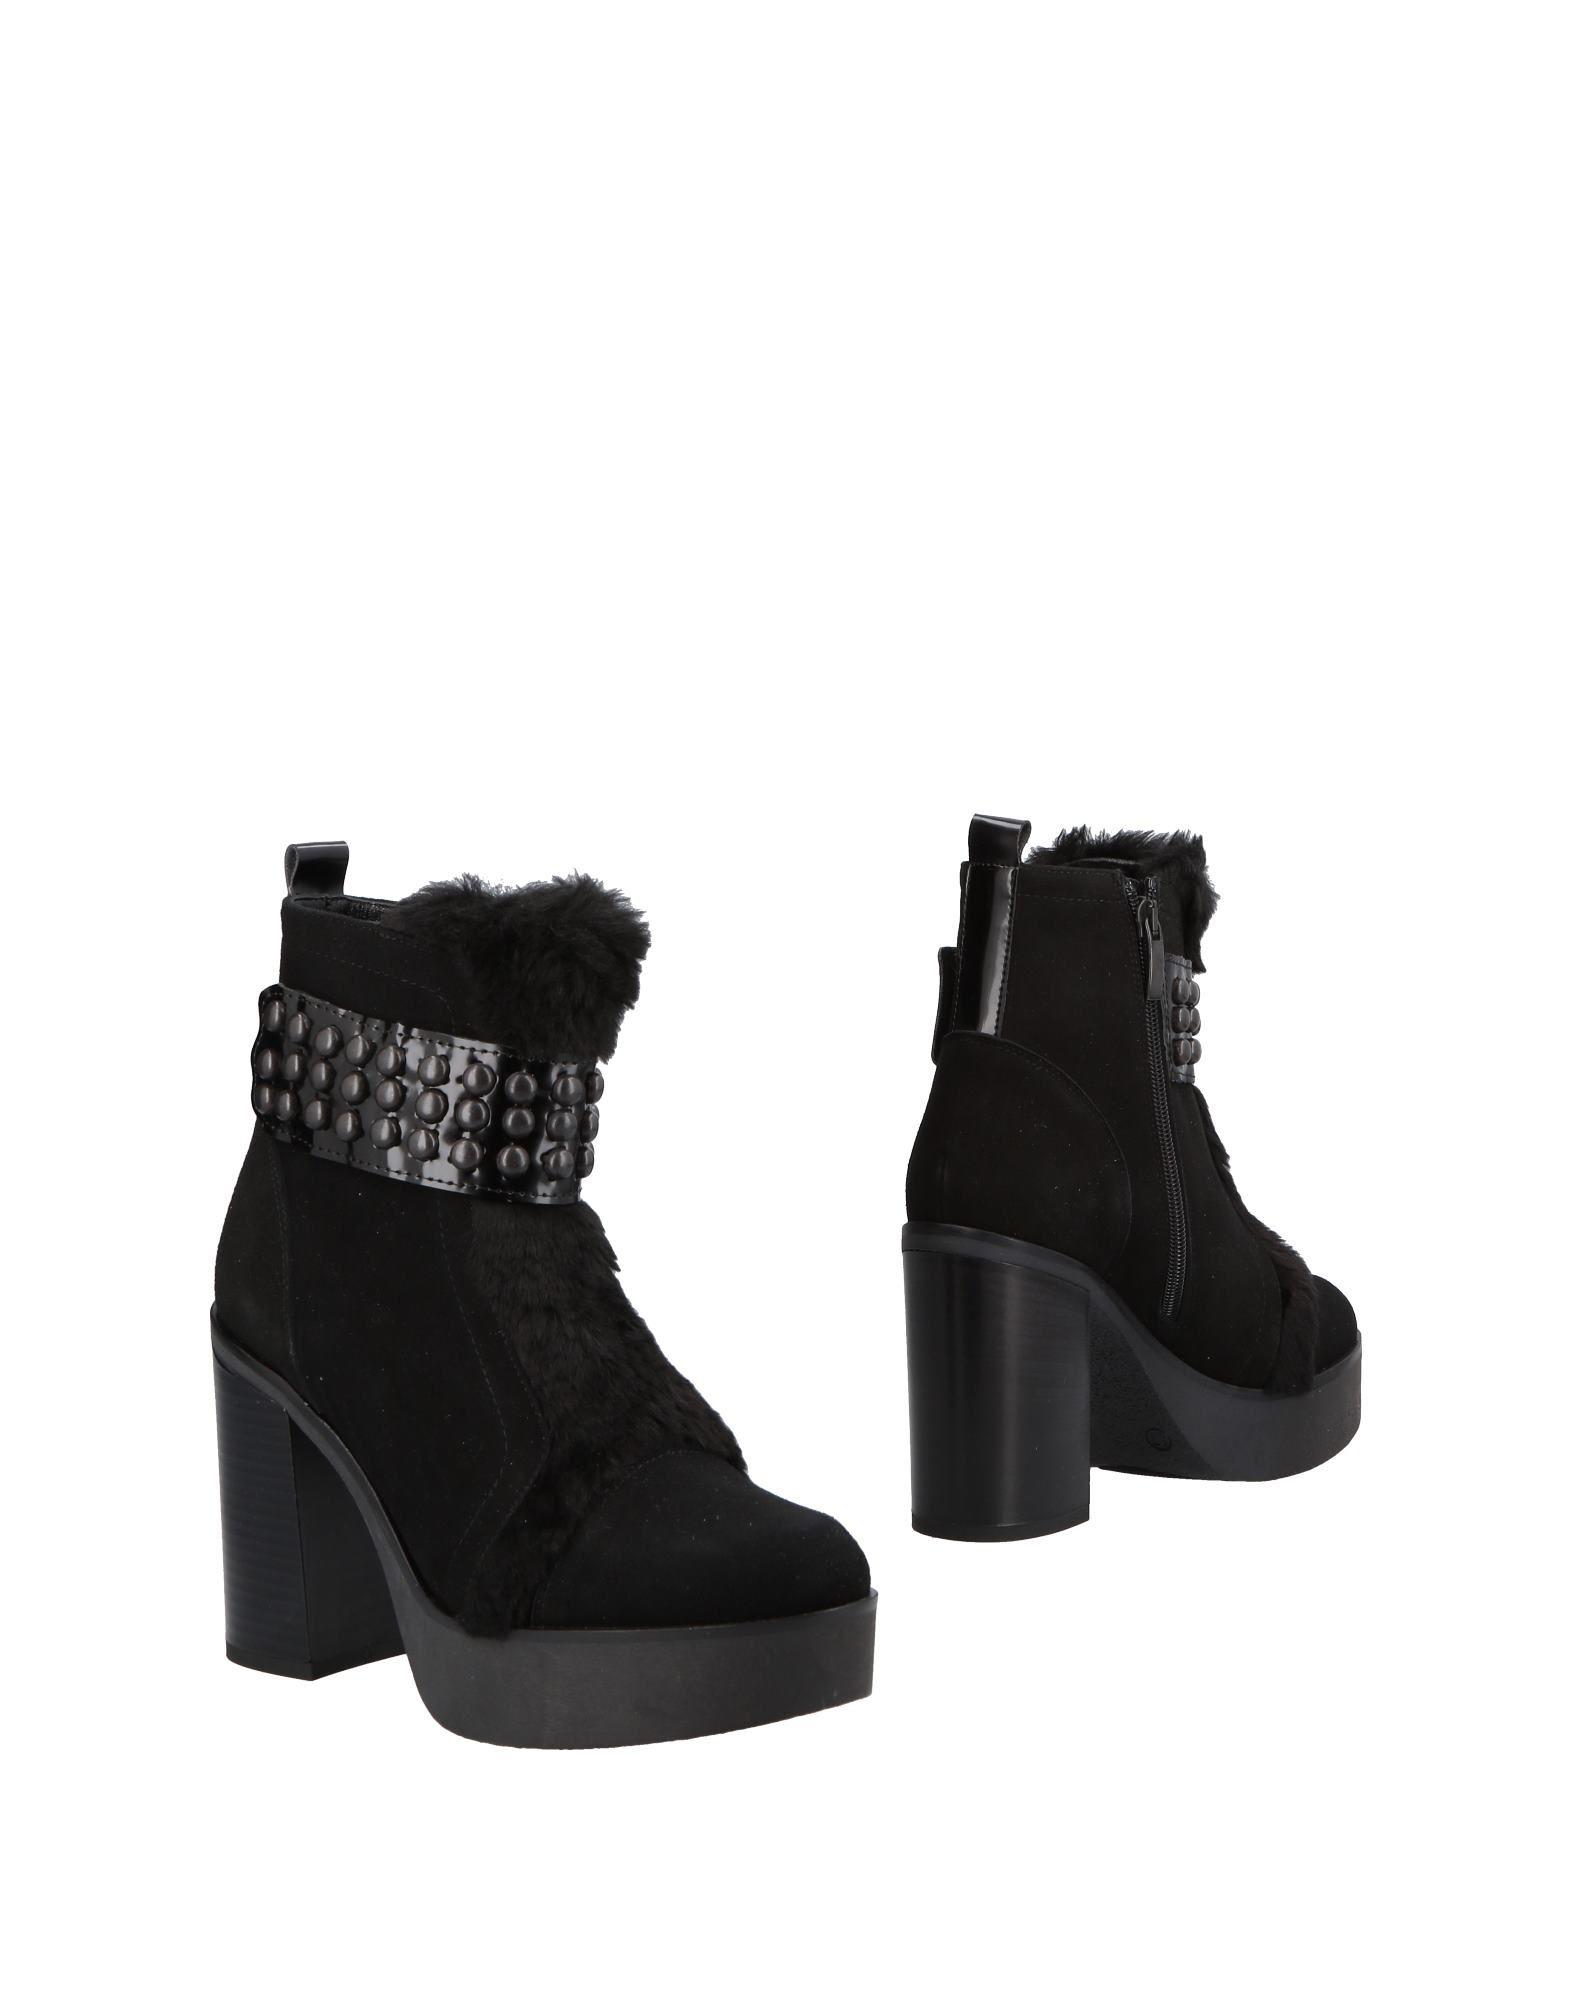 Lorenzo Mari Stiefelette Damen  11488320AT Gute Qualität beliebte Schuhe